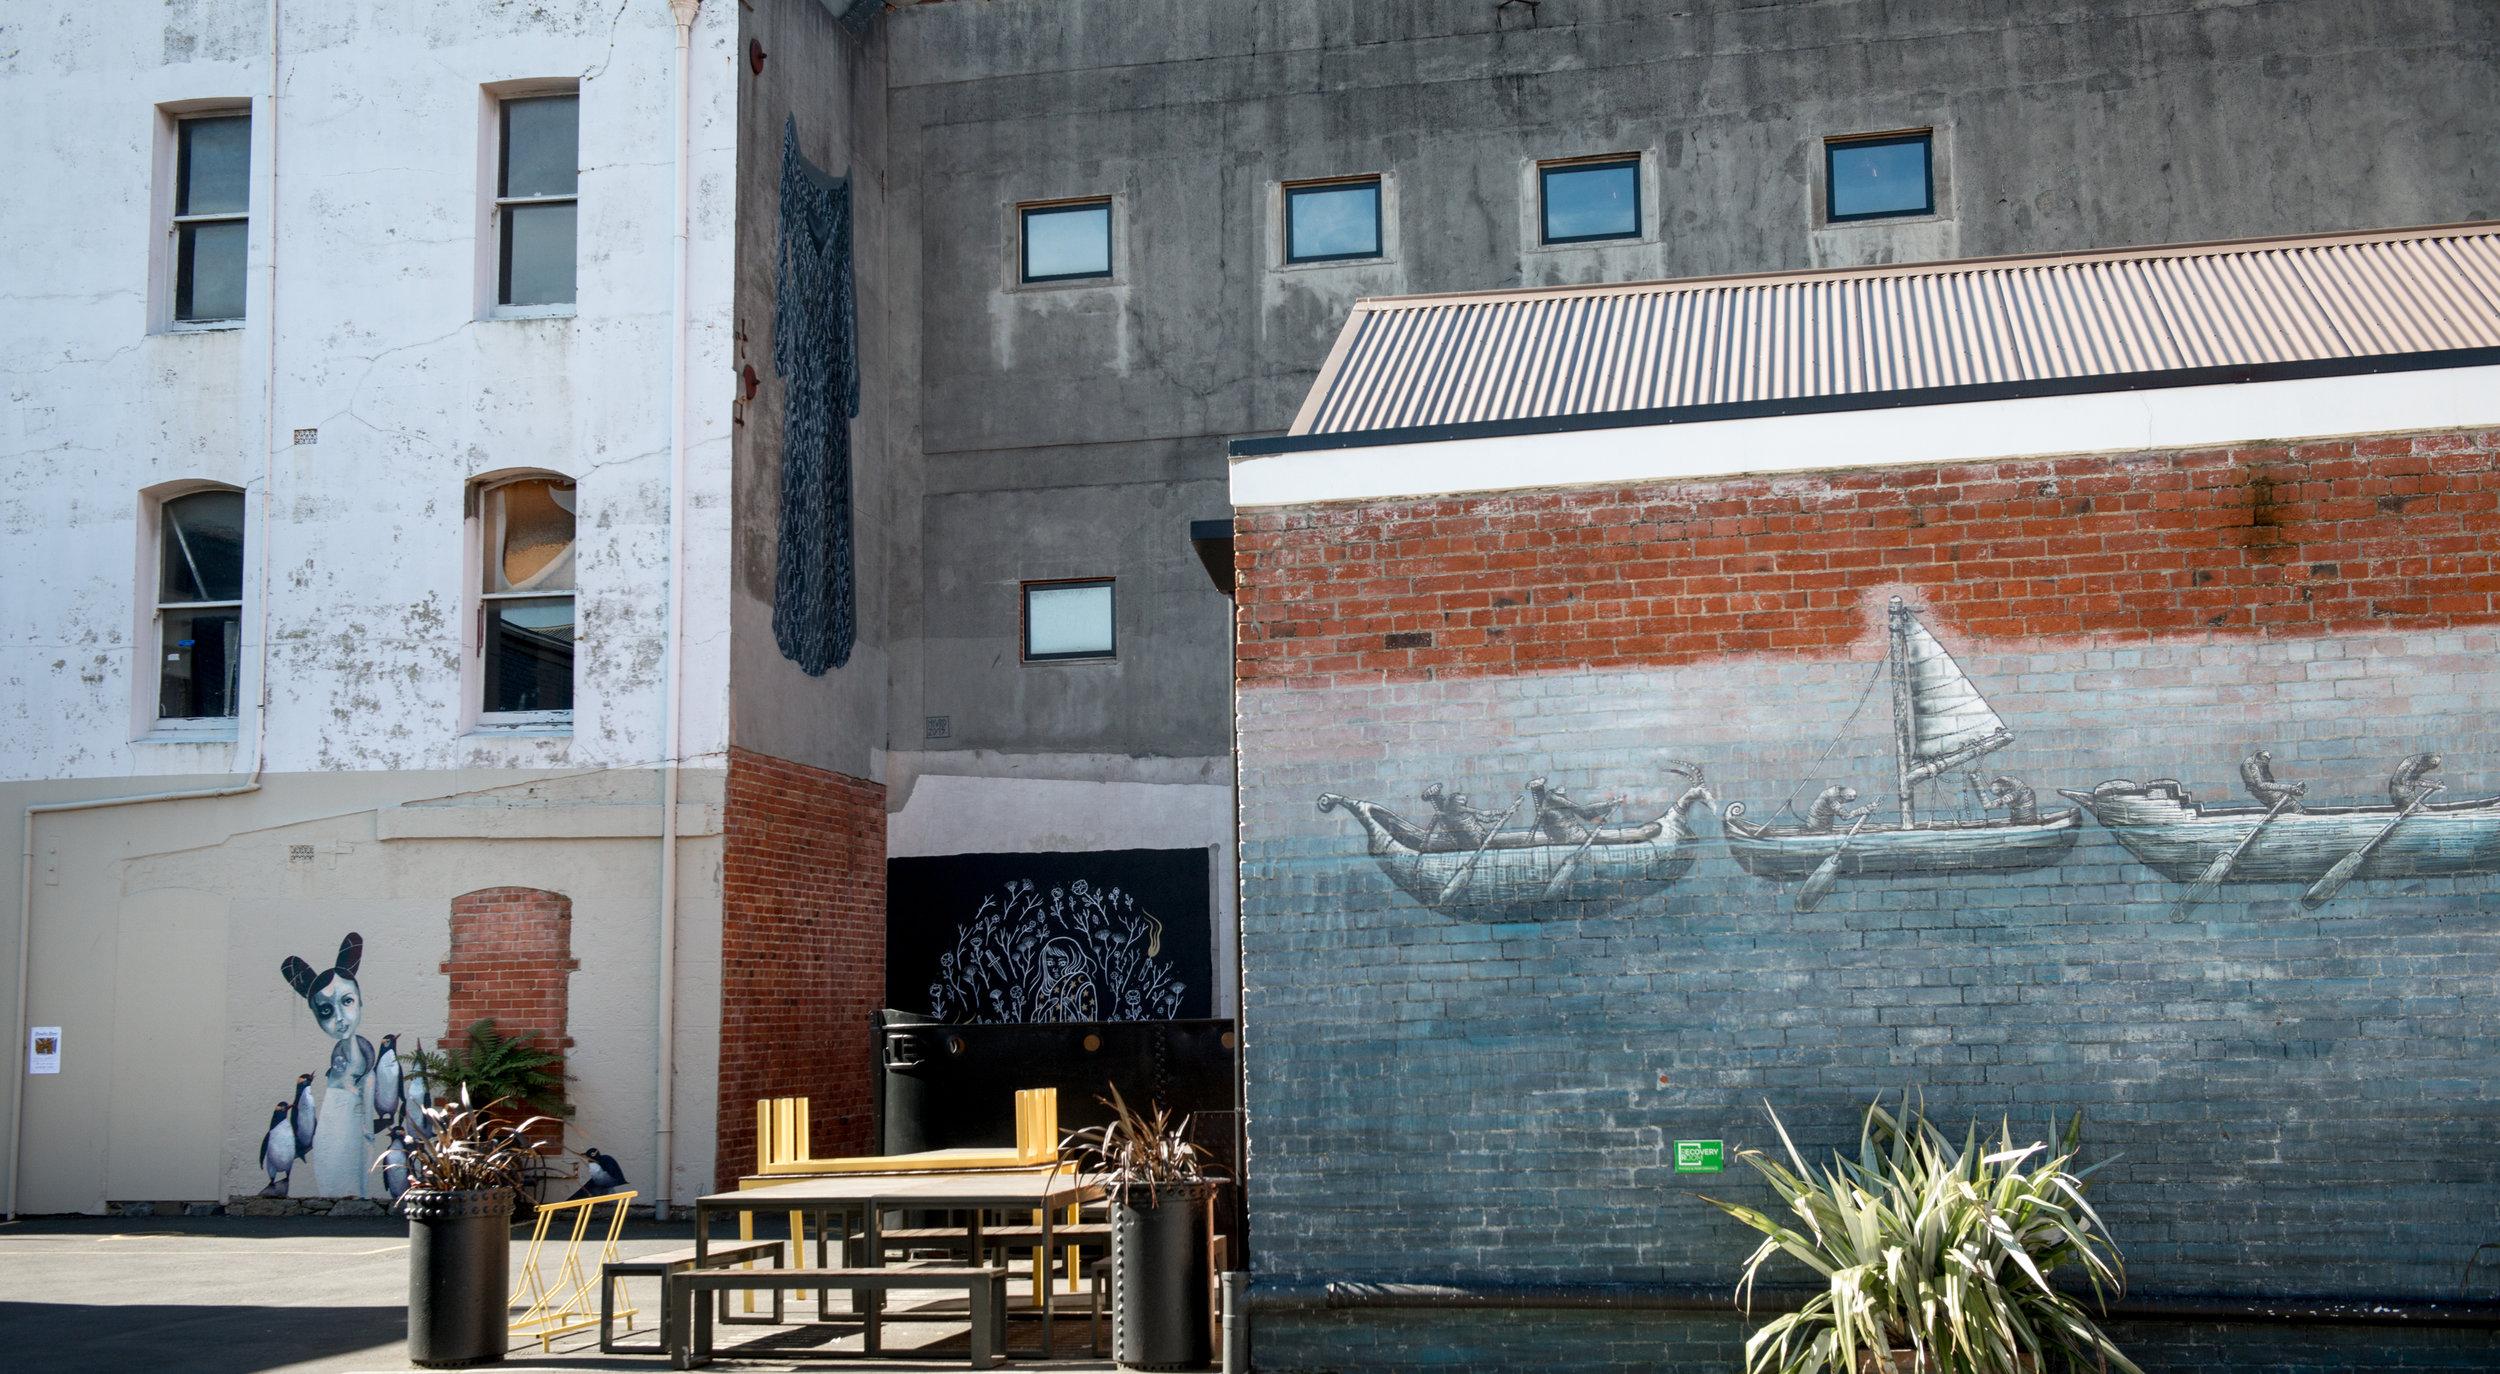 emmafrancesca street art 6.jpg